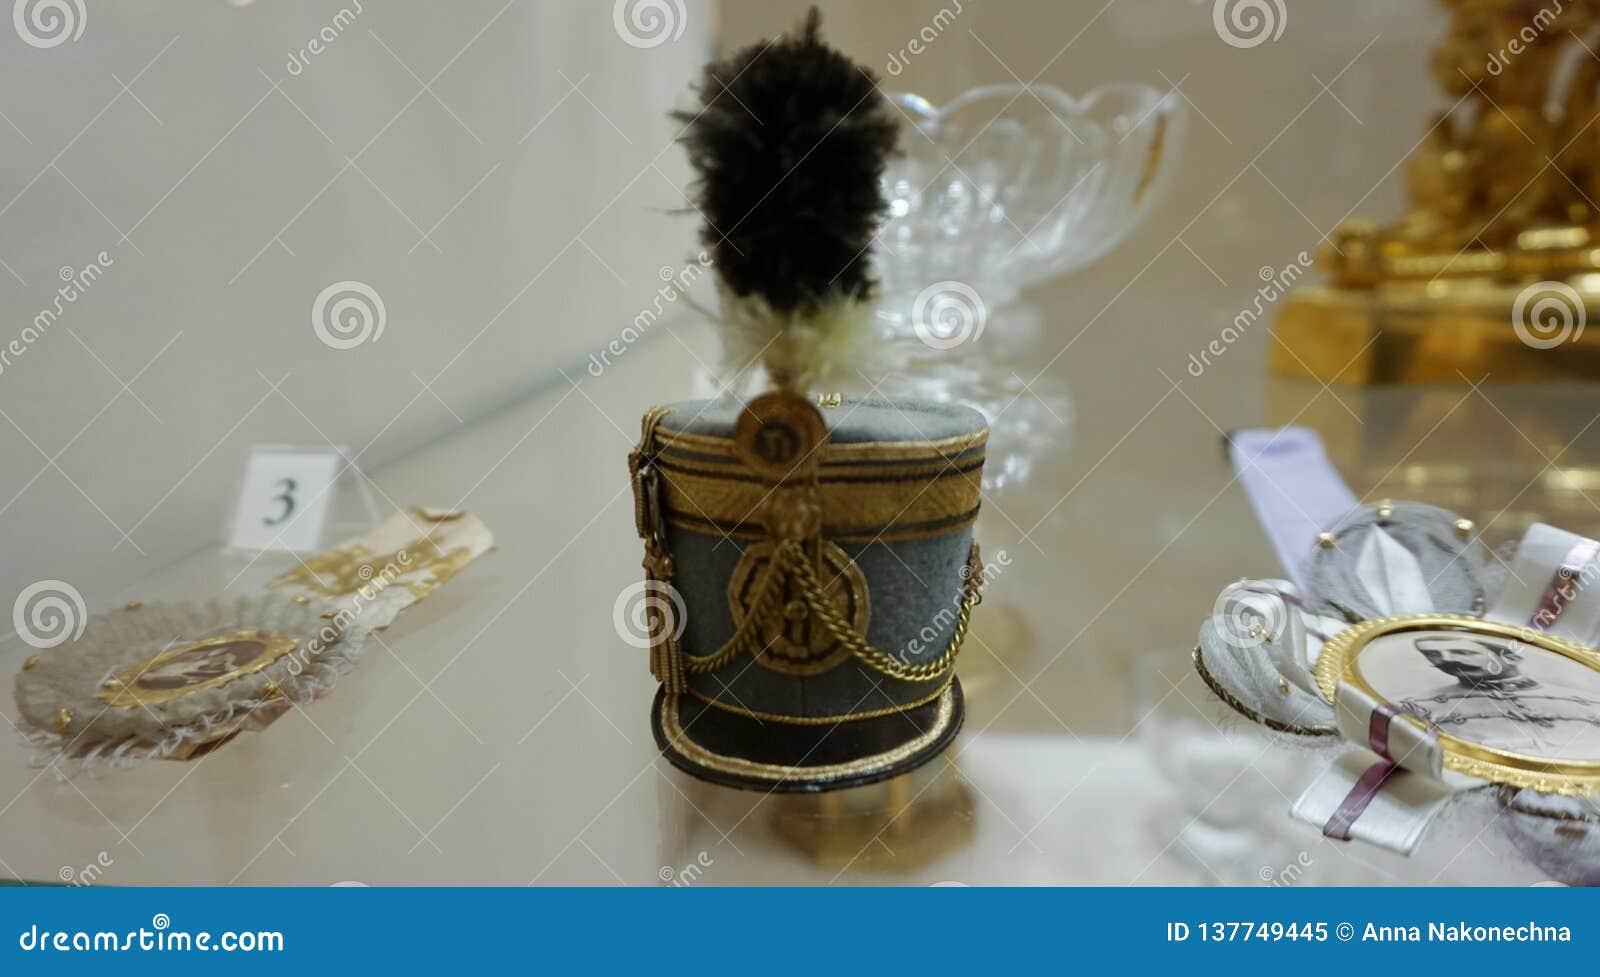 Статуэтка в форме шляпы армии на таблице